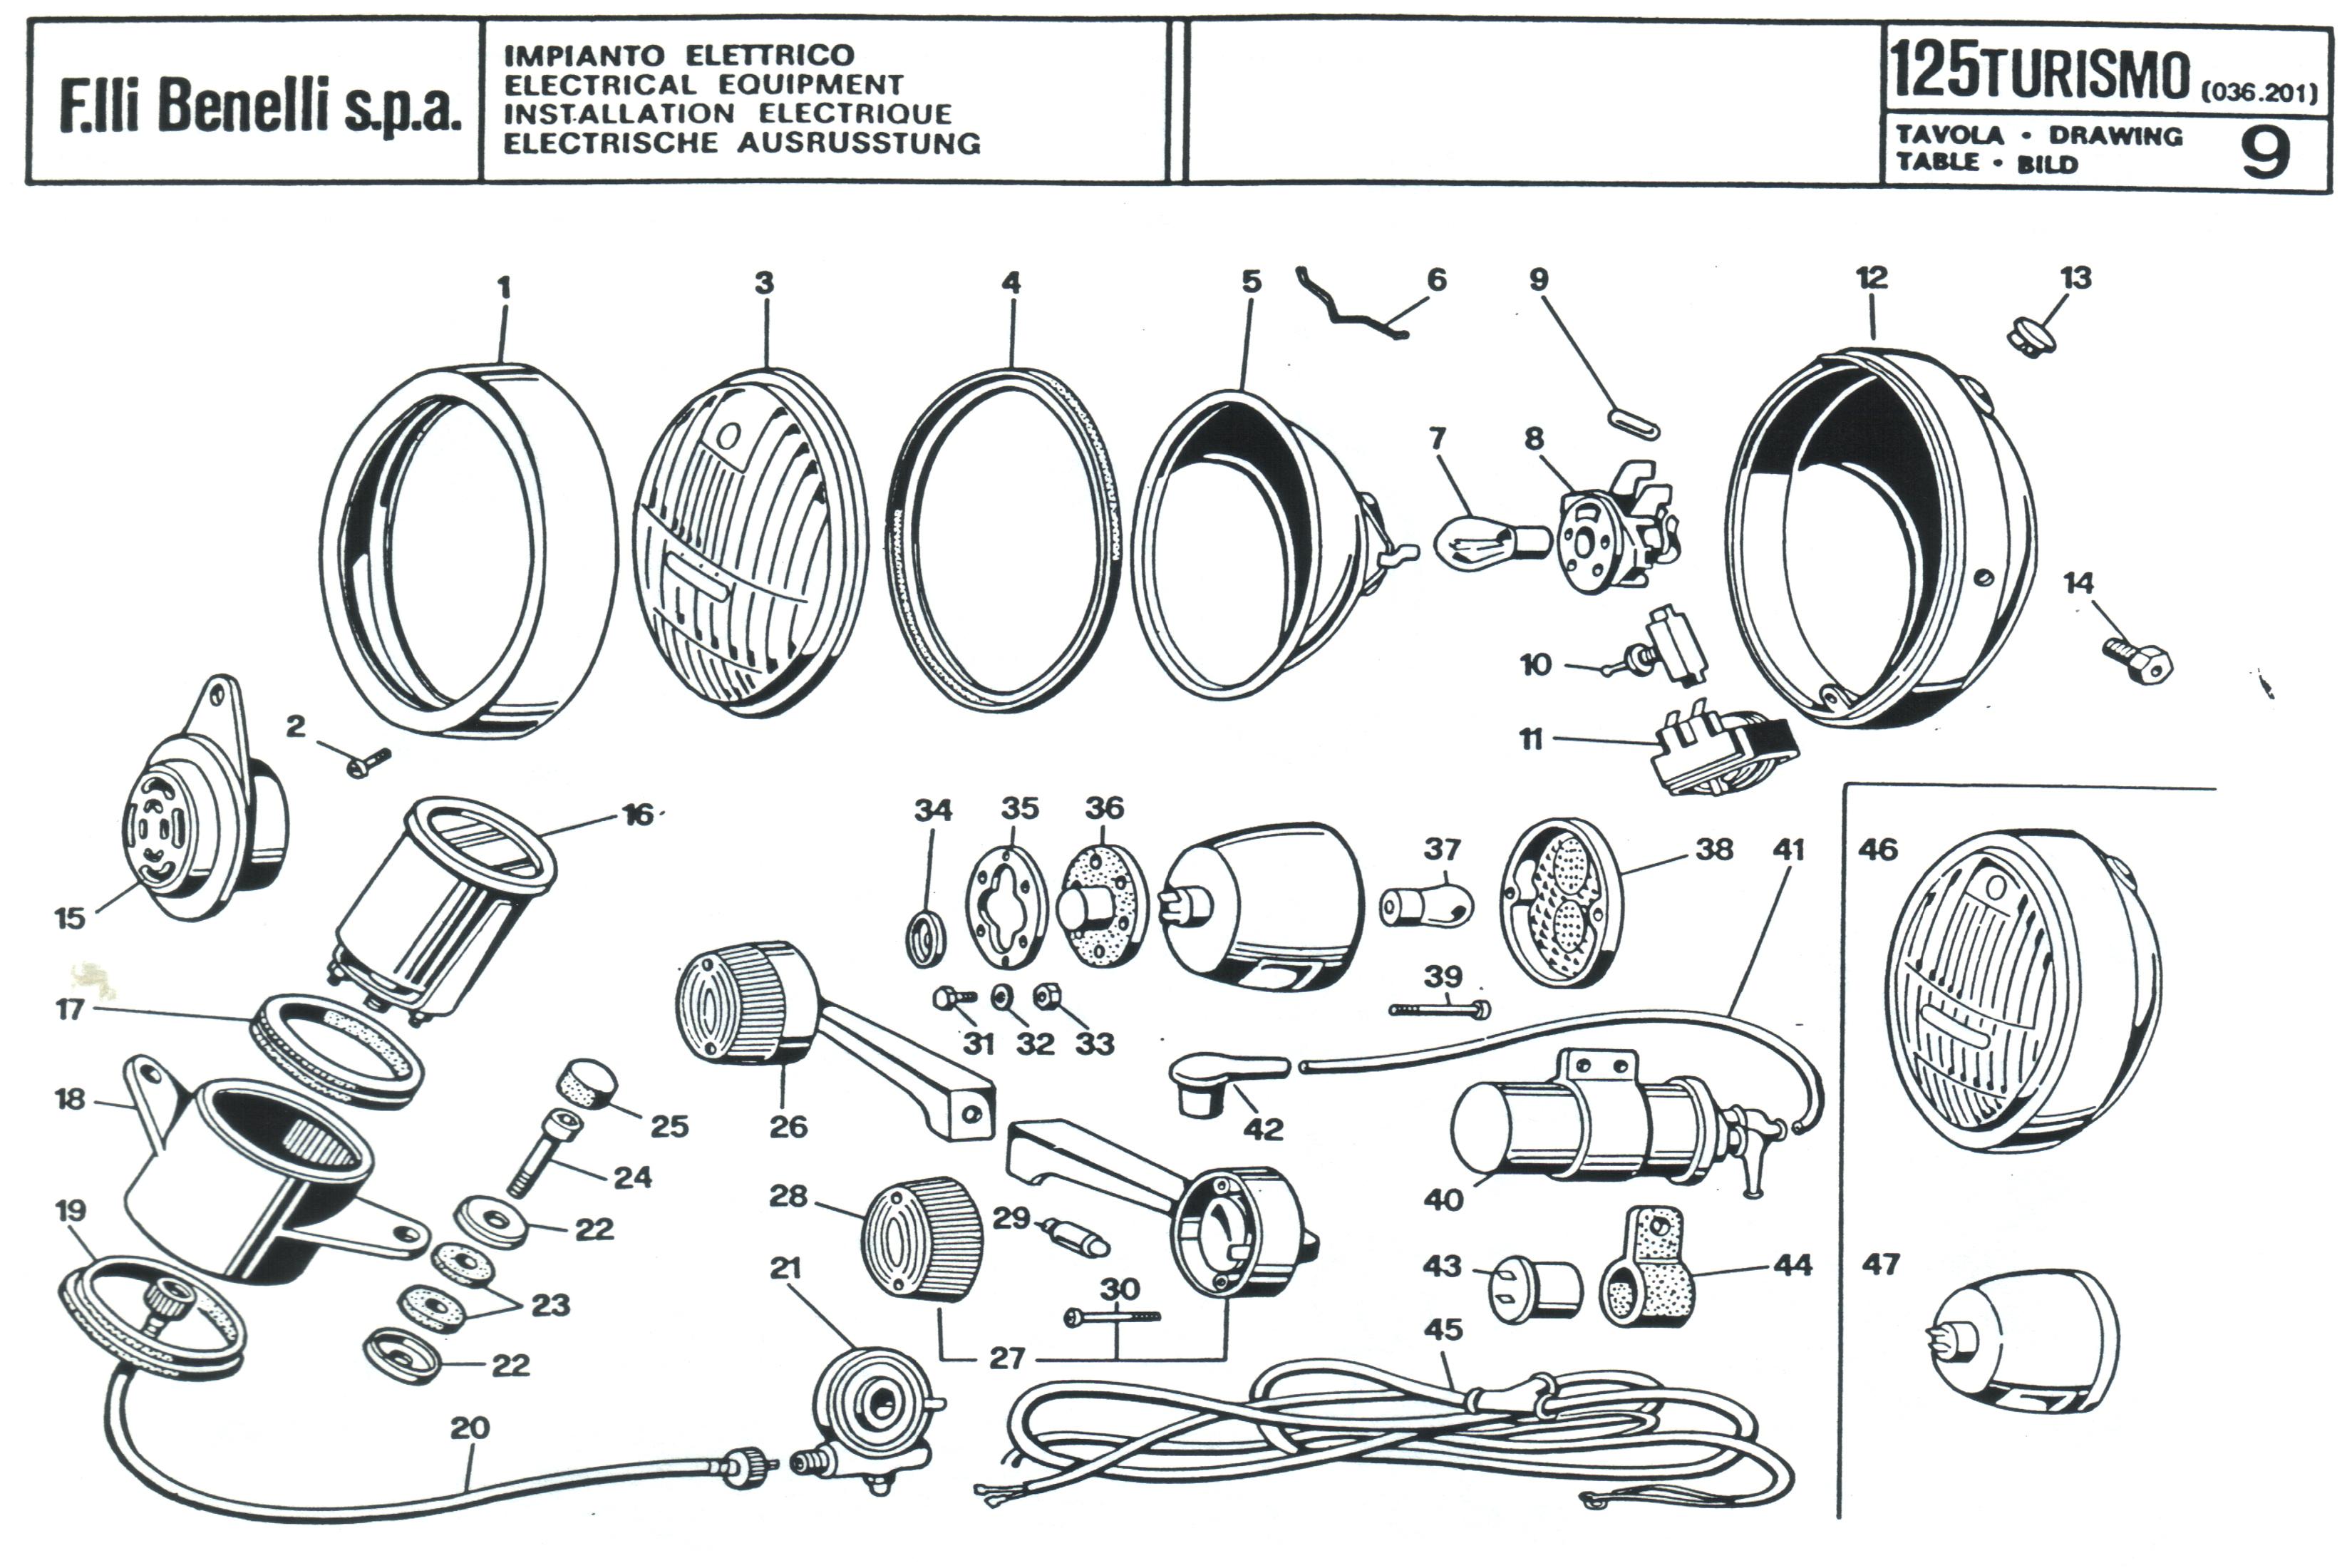 Schema Elettrico X9 250 : Impianto elettrico